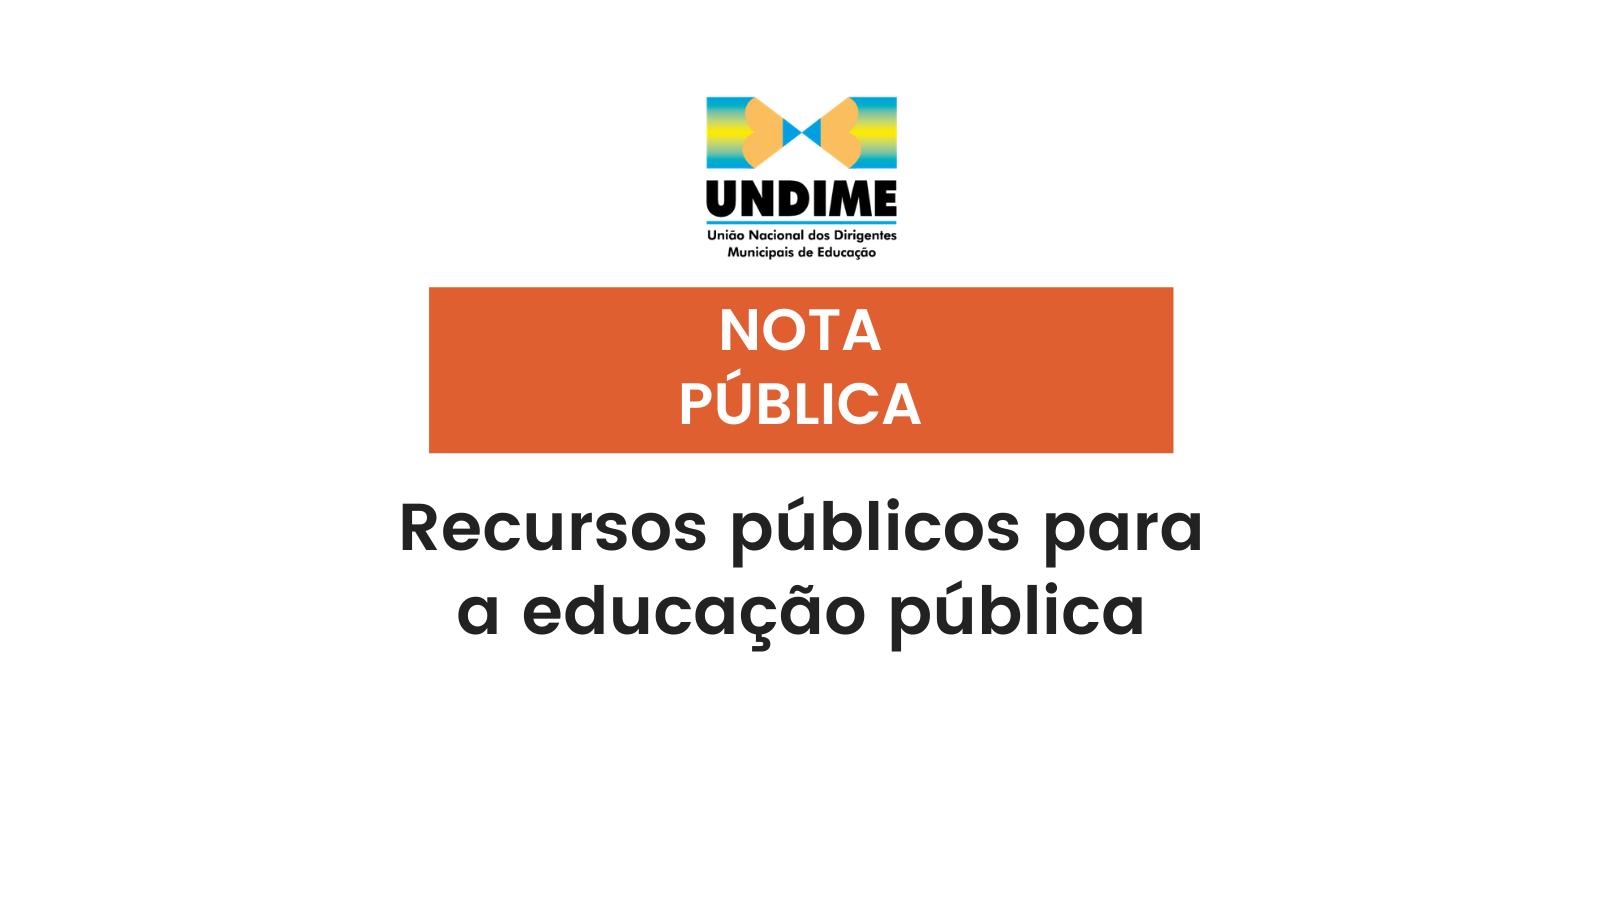 Nota pública: Recursos públicos para a educação pública